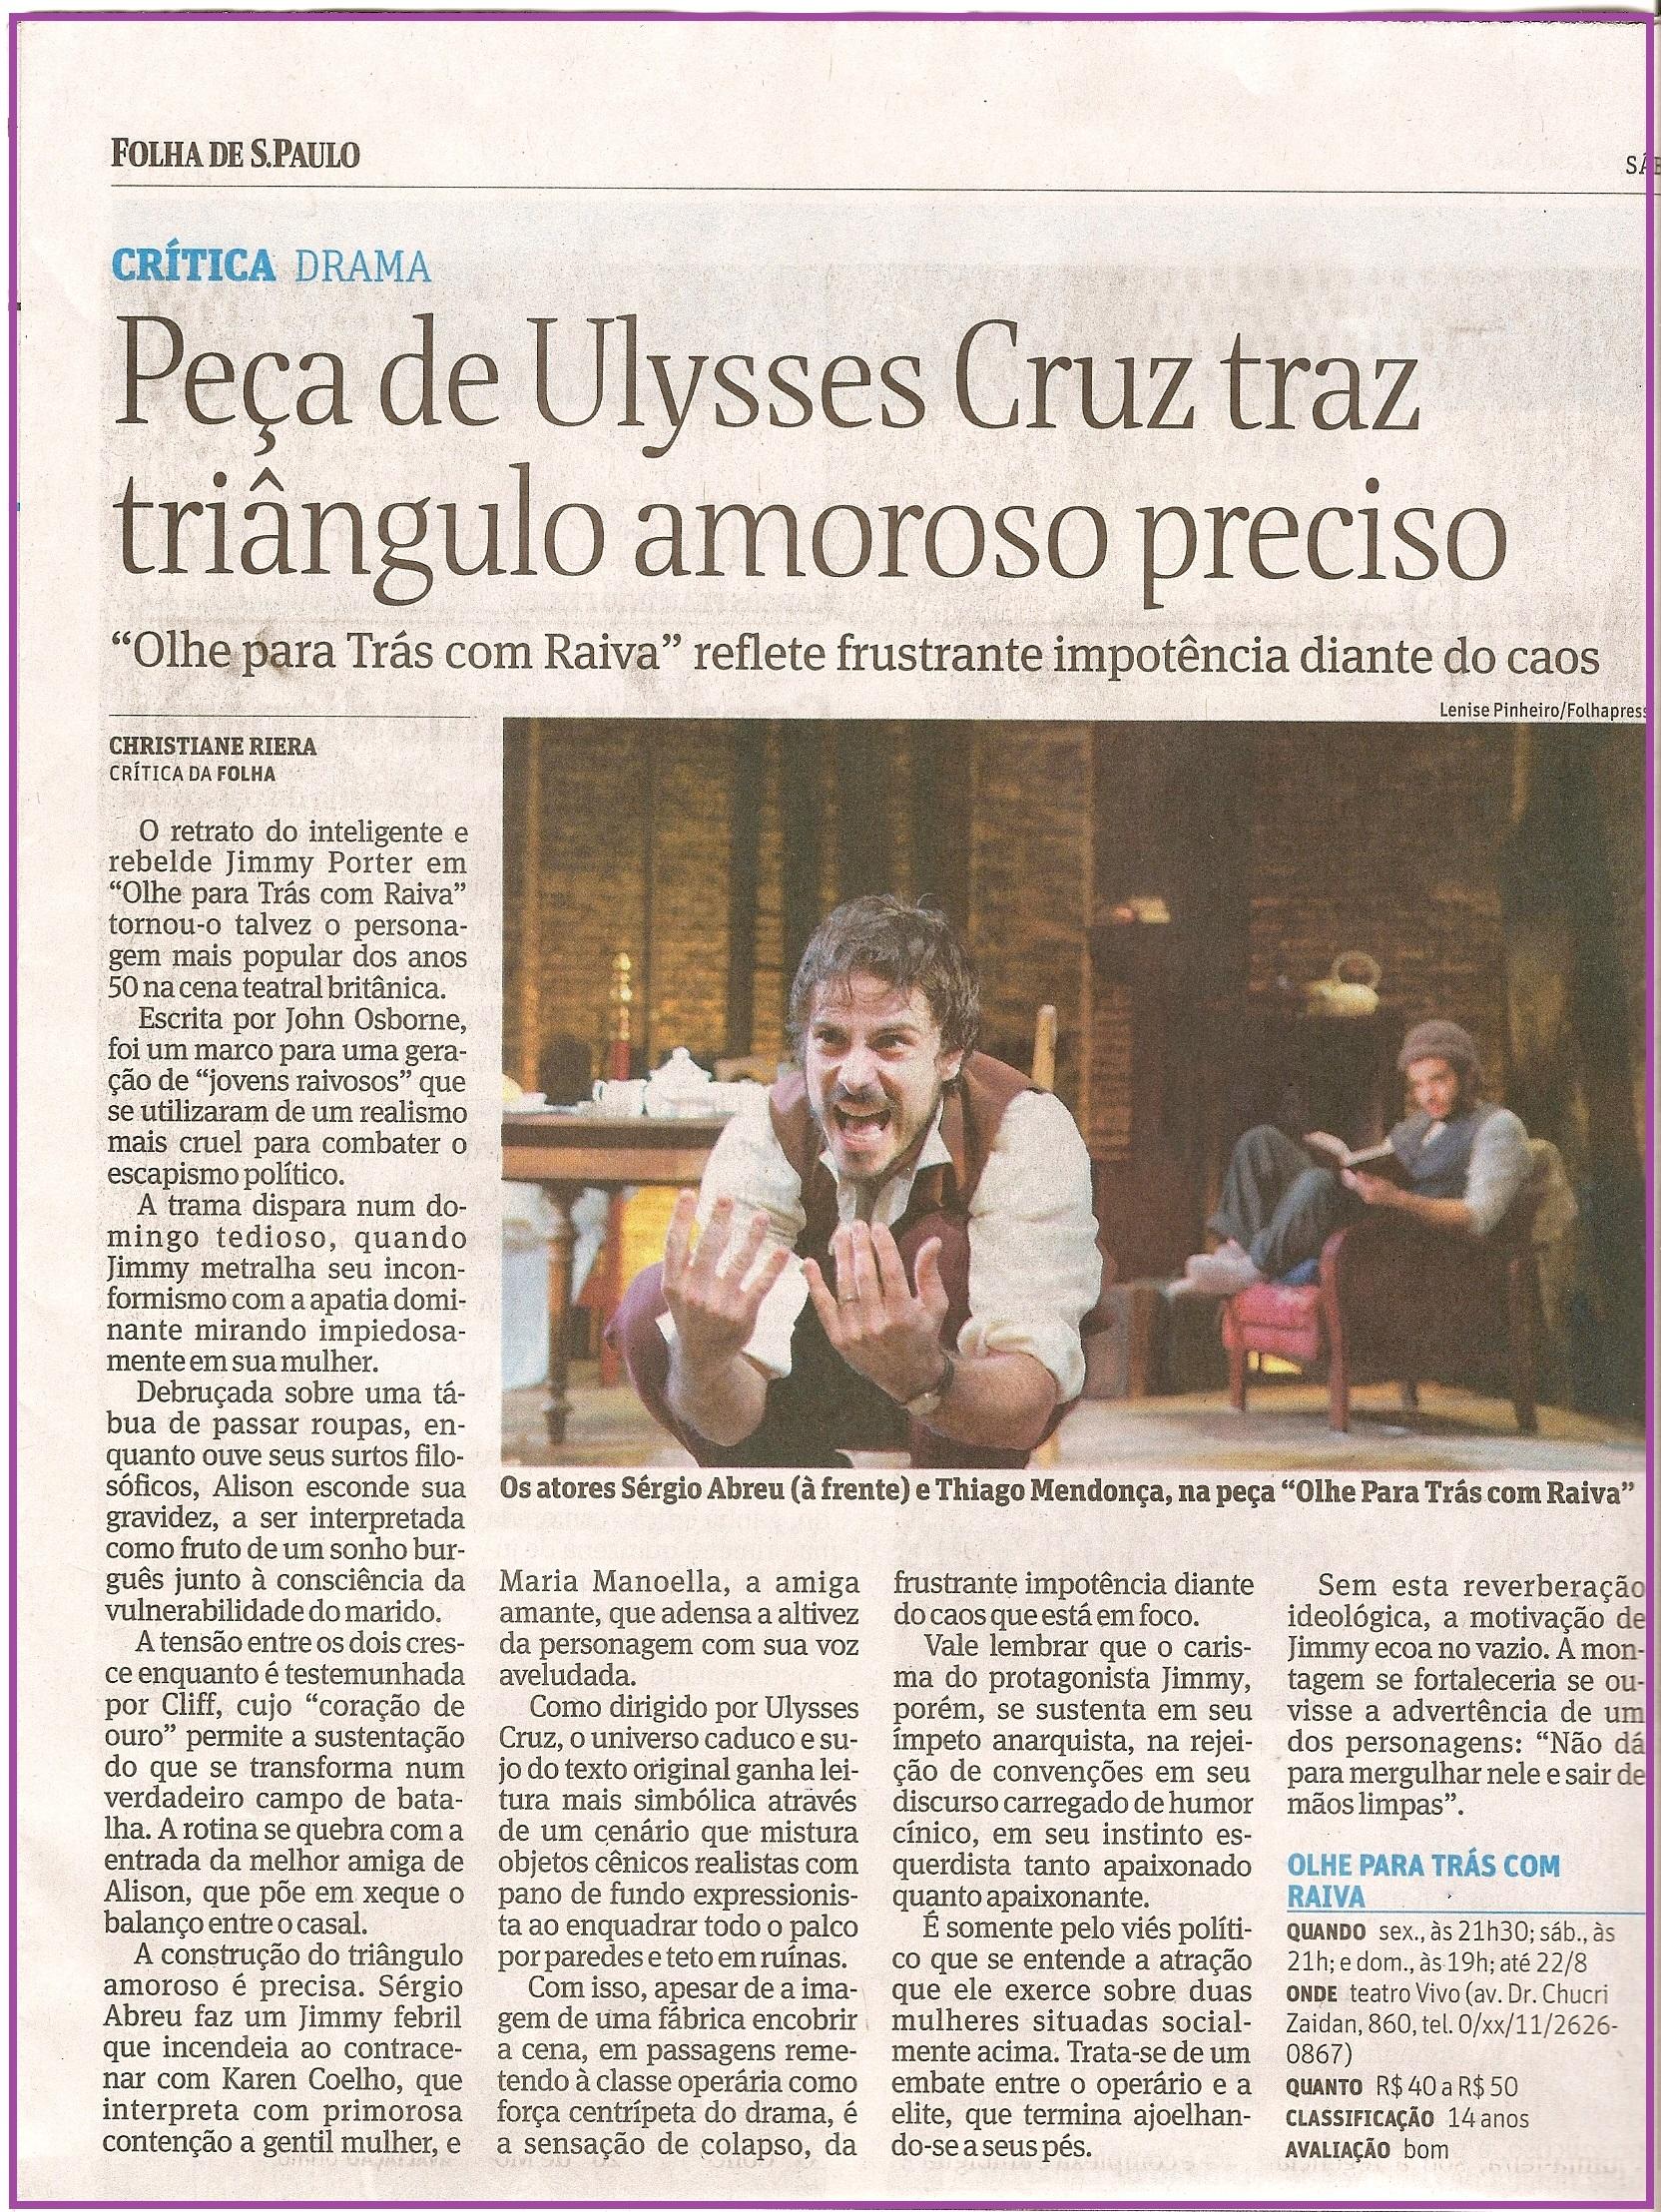 Peça de Ulysses Cruz traz triângulo amoroso preciso.